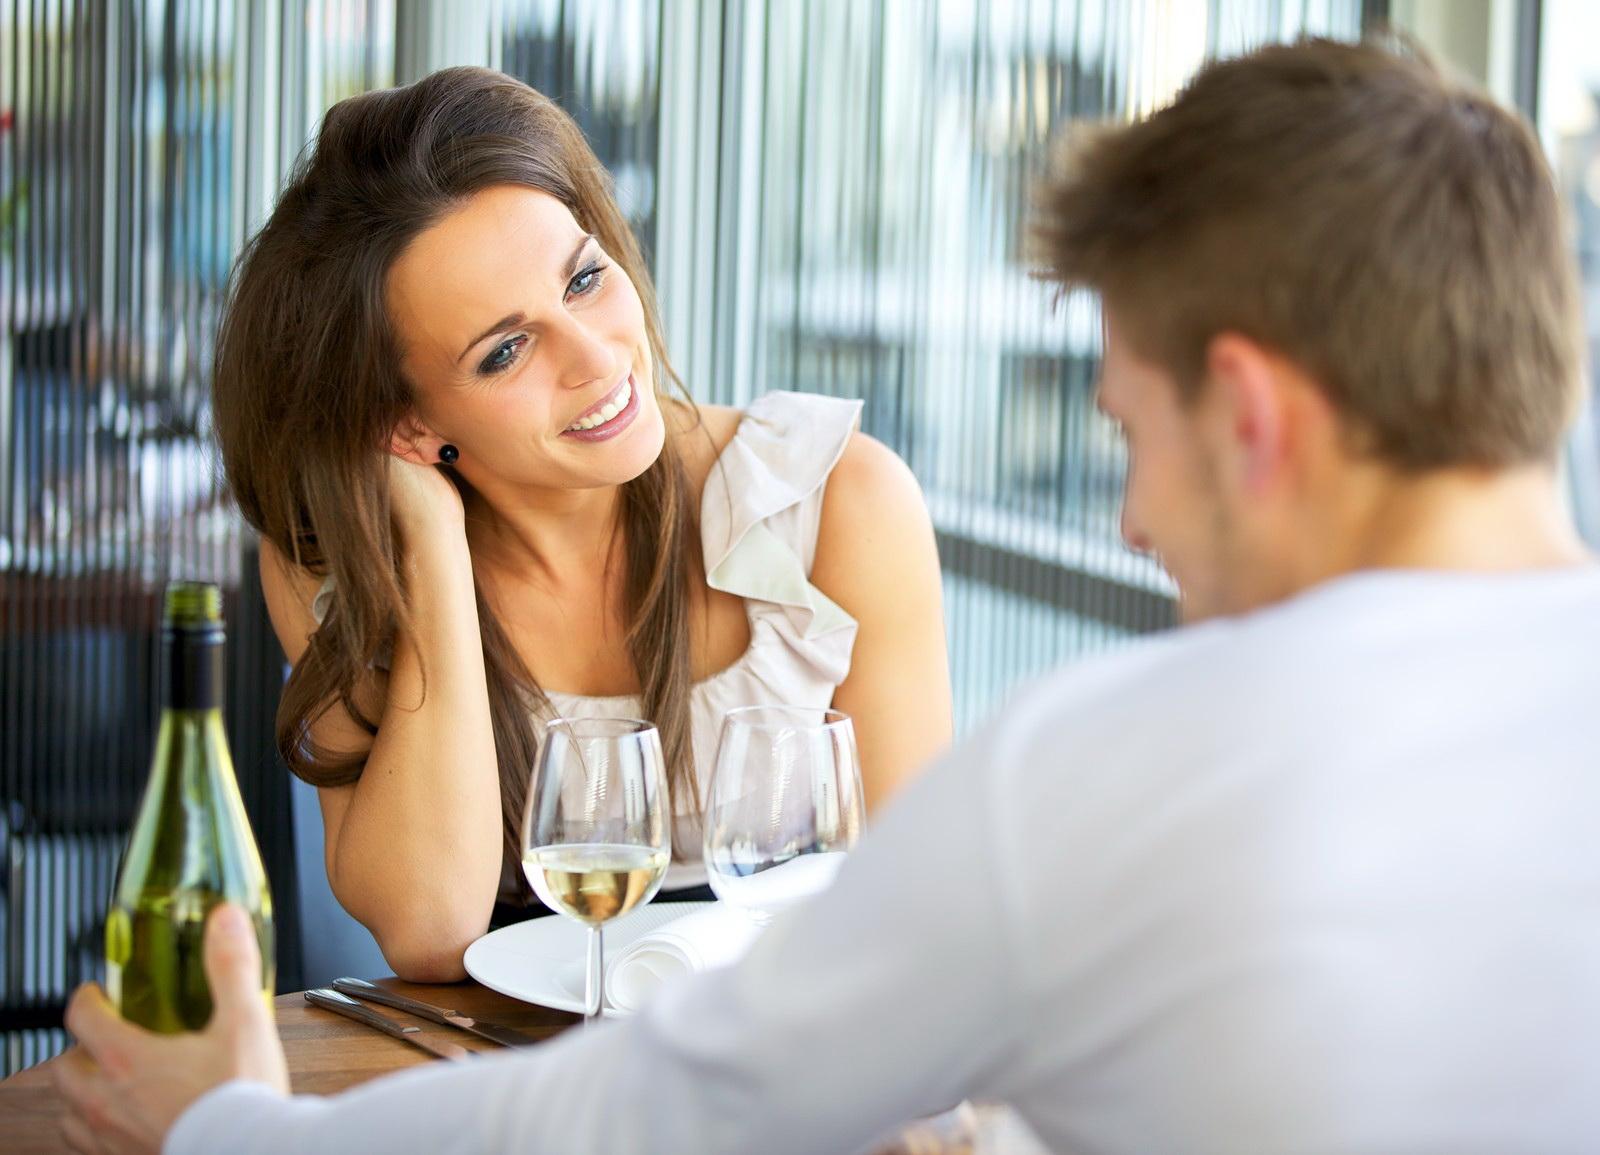 Что говорить девушке после знакомства